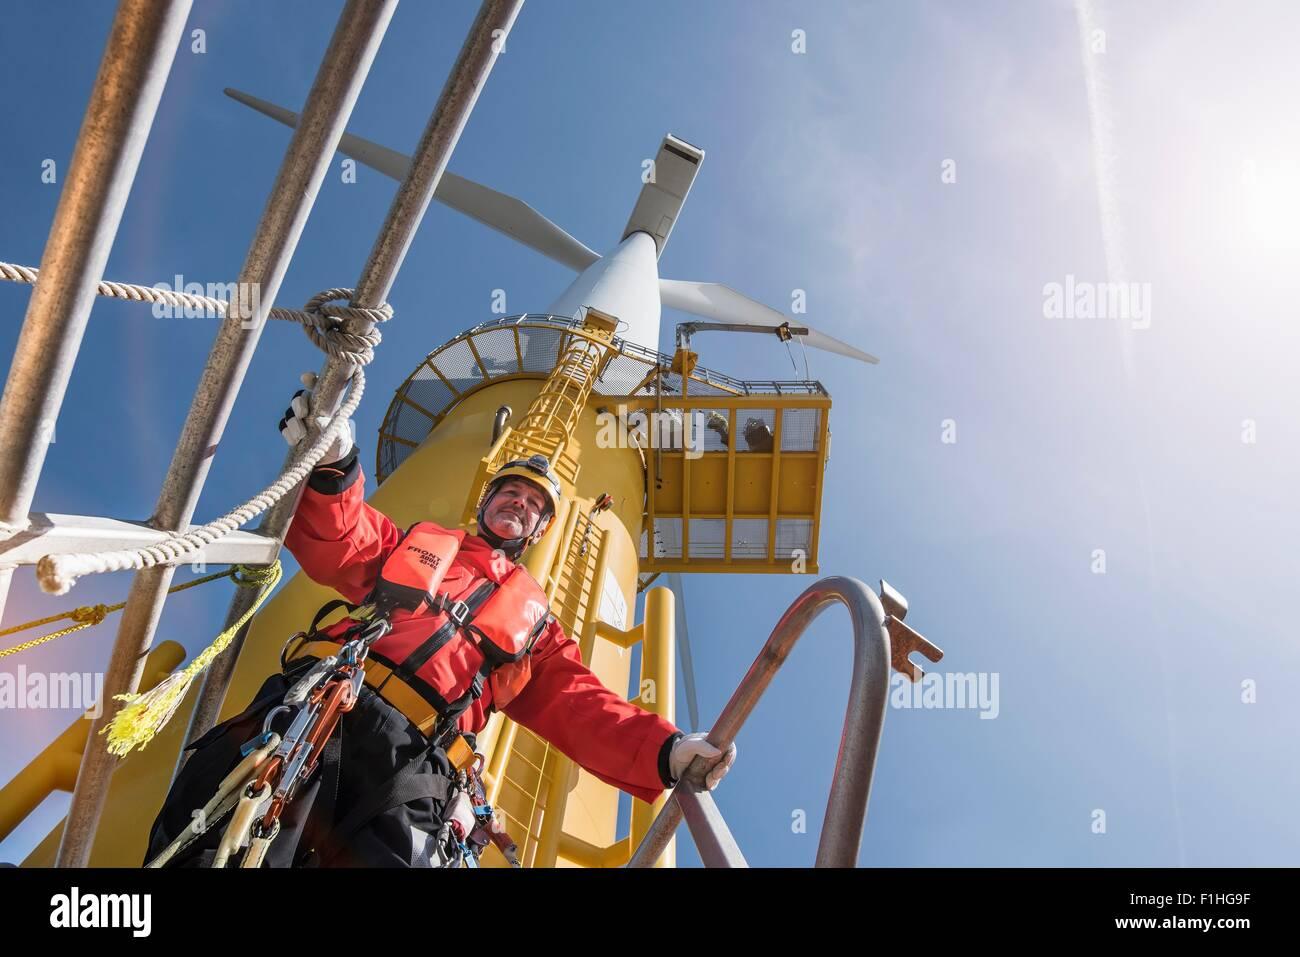 Preparando para subir ingeniero aerogenerador en parques eólicos offshore, bajo ángulo de visión Foto de stock